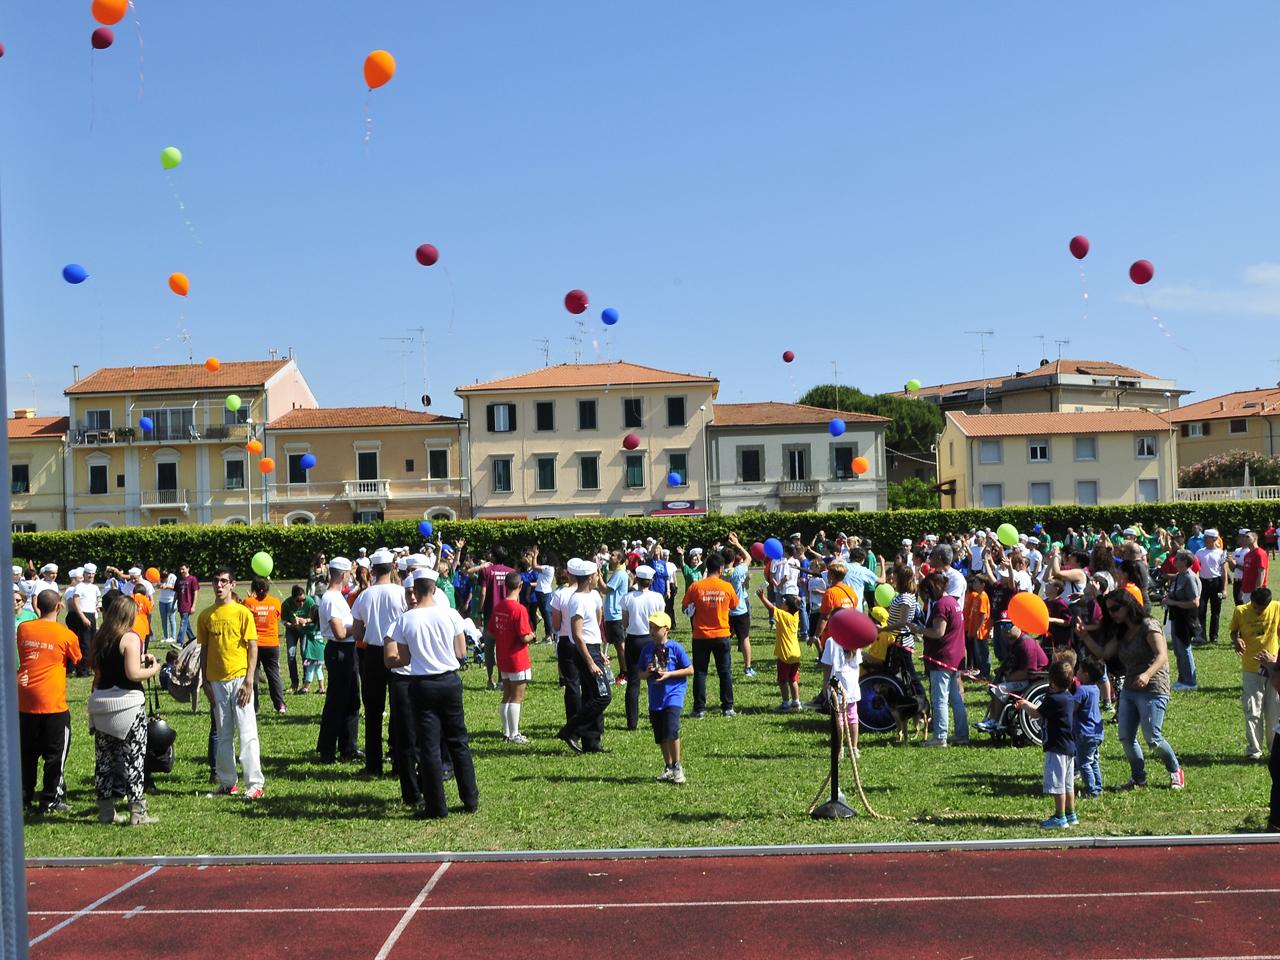 Stadio Accademia Navale di Livorno